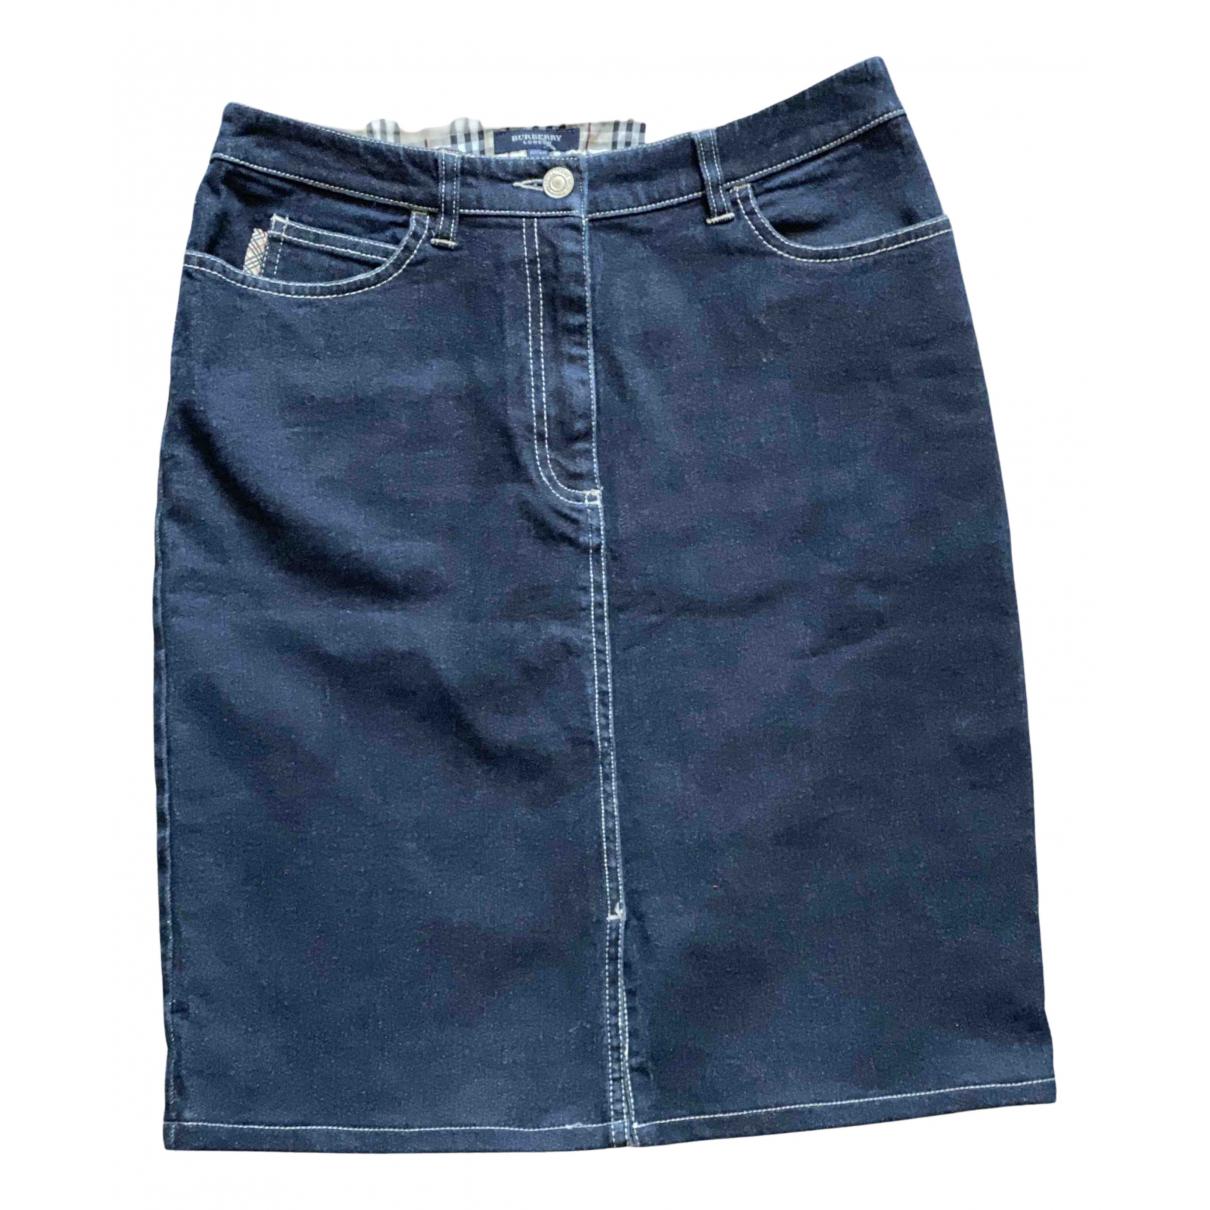 Burberry N Blue Denim - Jeans skirt for Women 8 UK